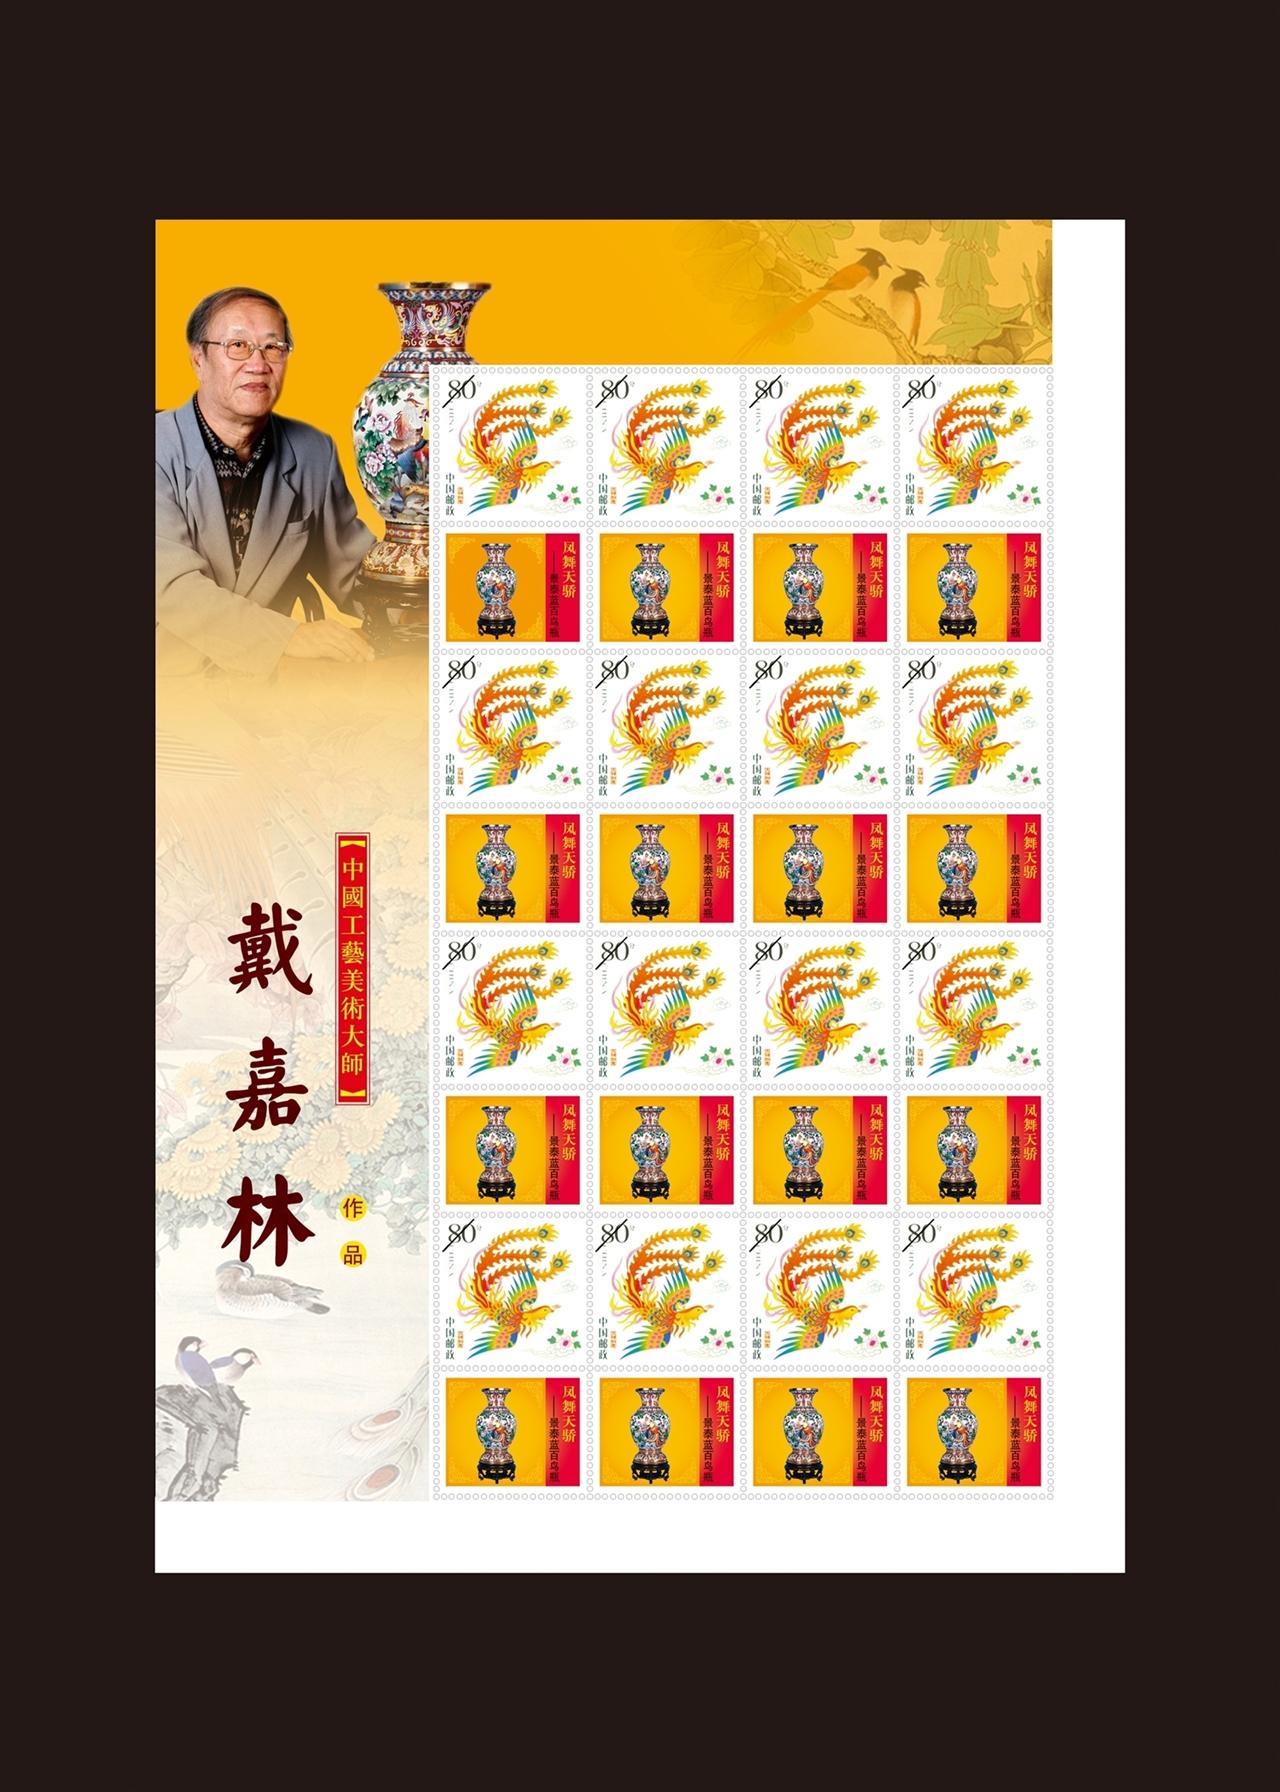 戴佳林工艺美术大师凤凰邮票